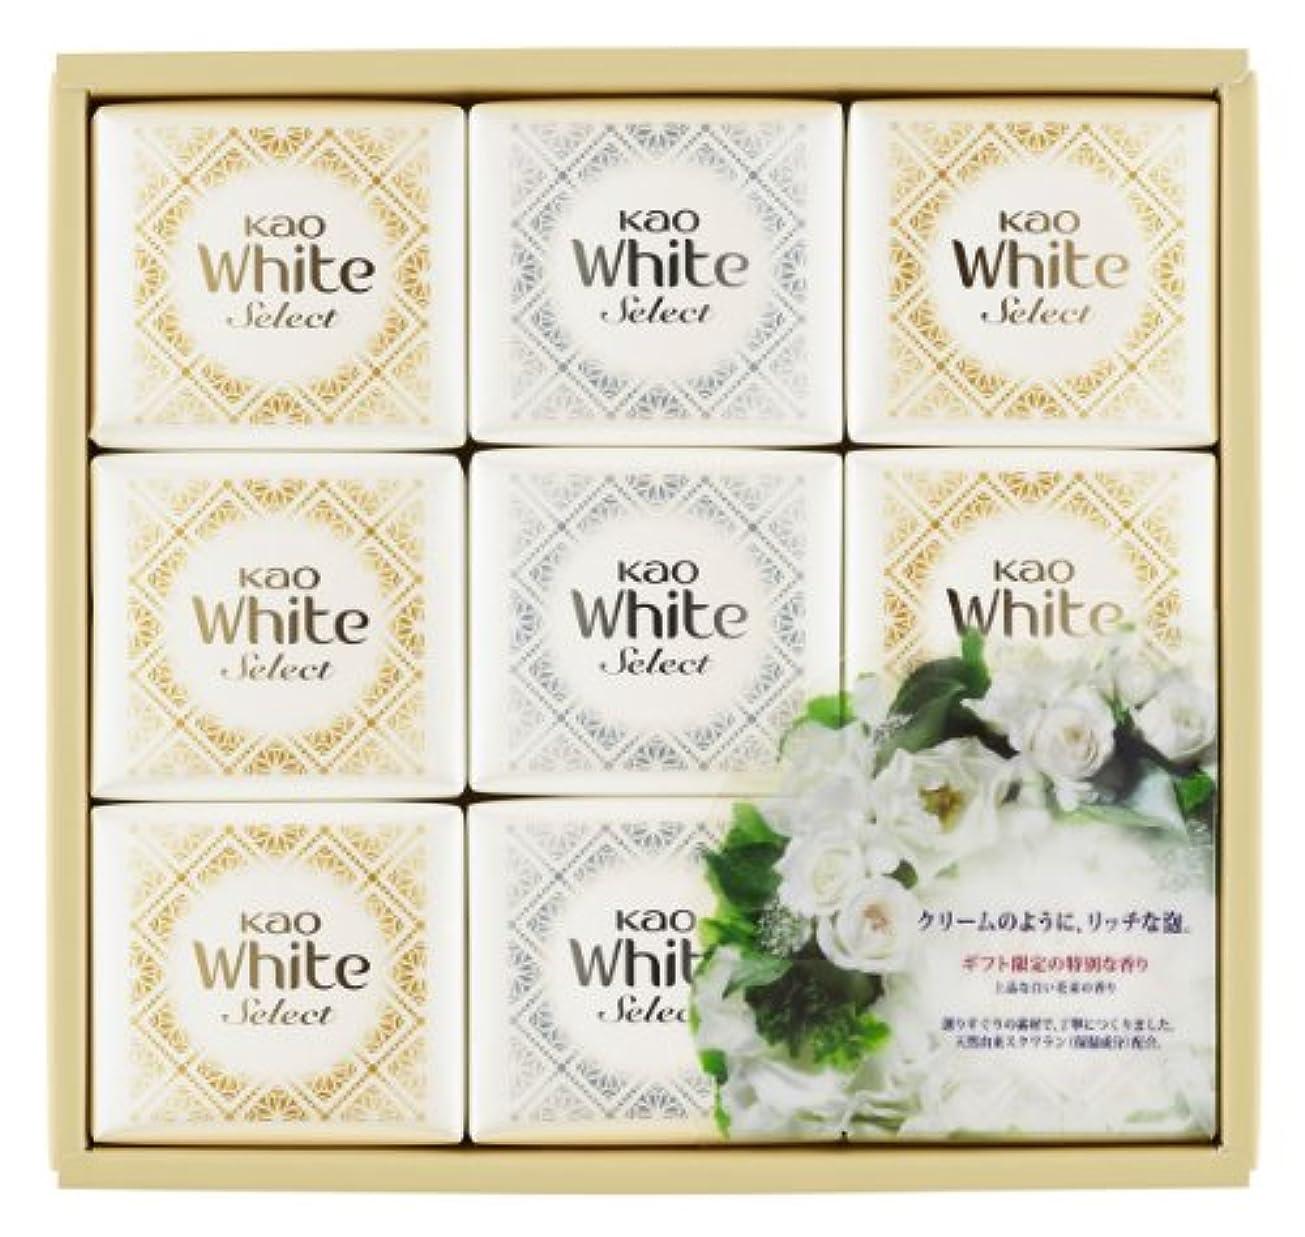 きらきら僕の種をまく花王ホワイト セレクト 上品な白い花束の香り 85g 9コ K?WS-15